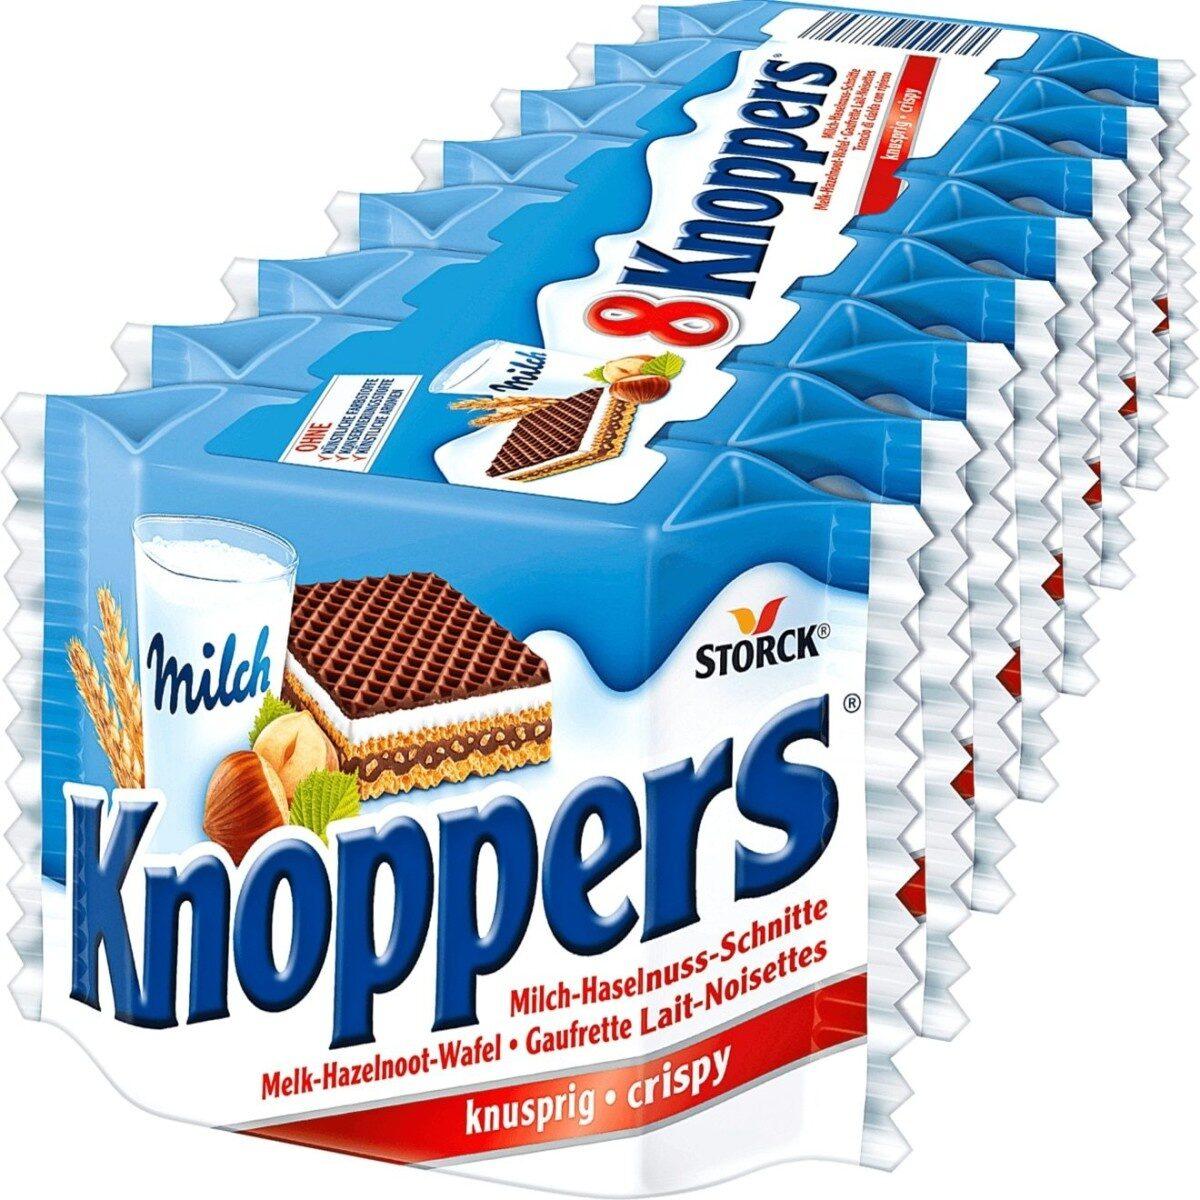 Knoppers - Produit - fr